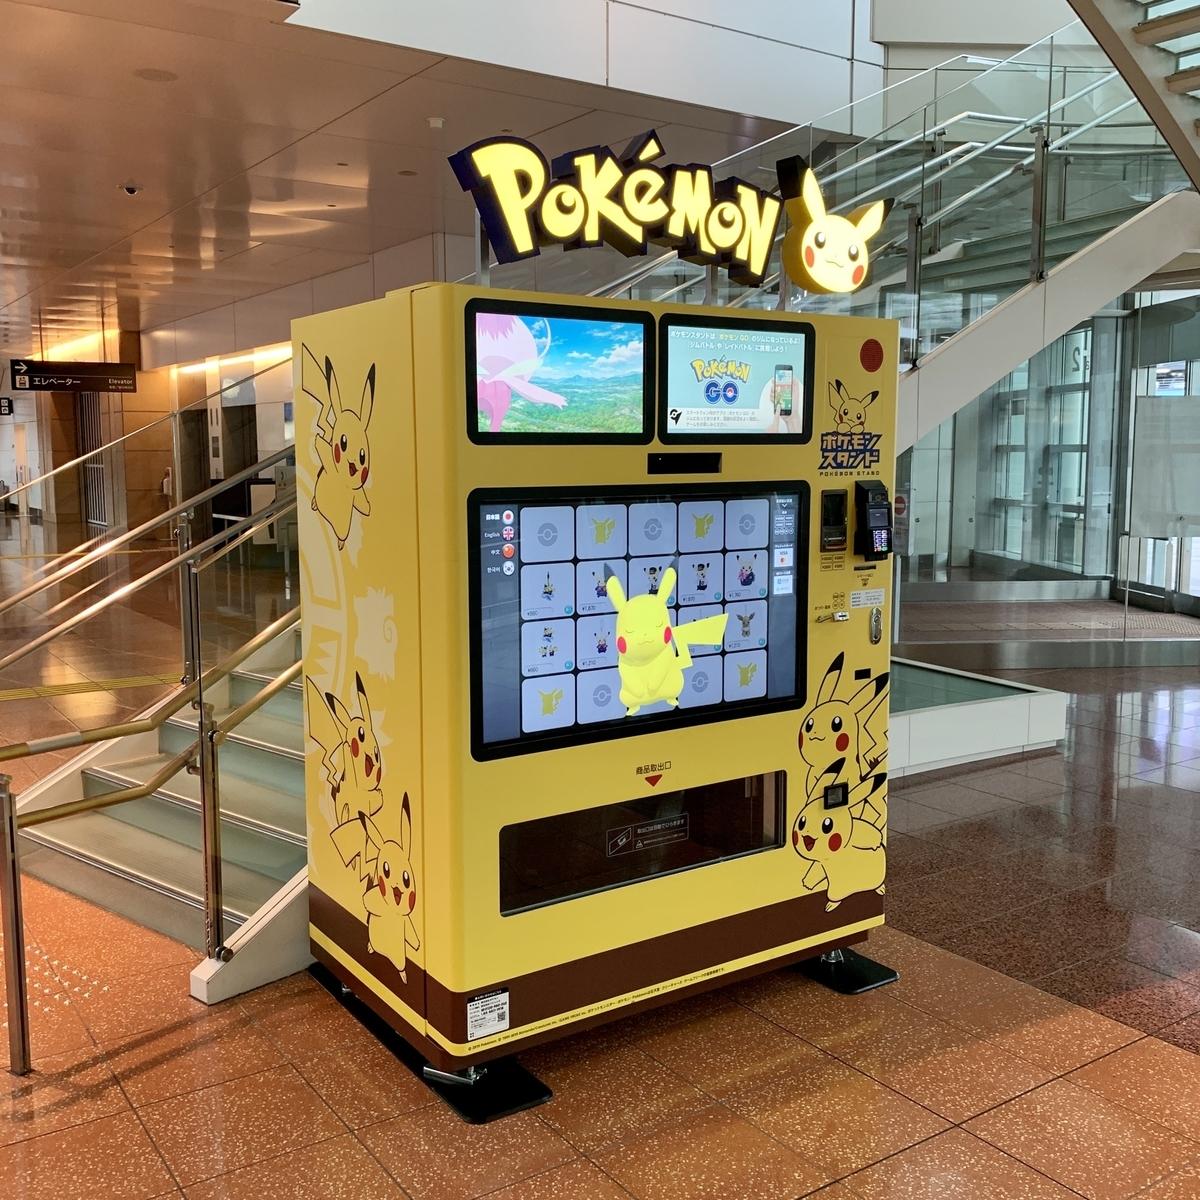 f:id:pikachu_pcn:20200912161331j:plain